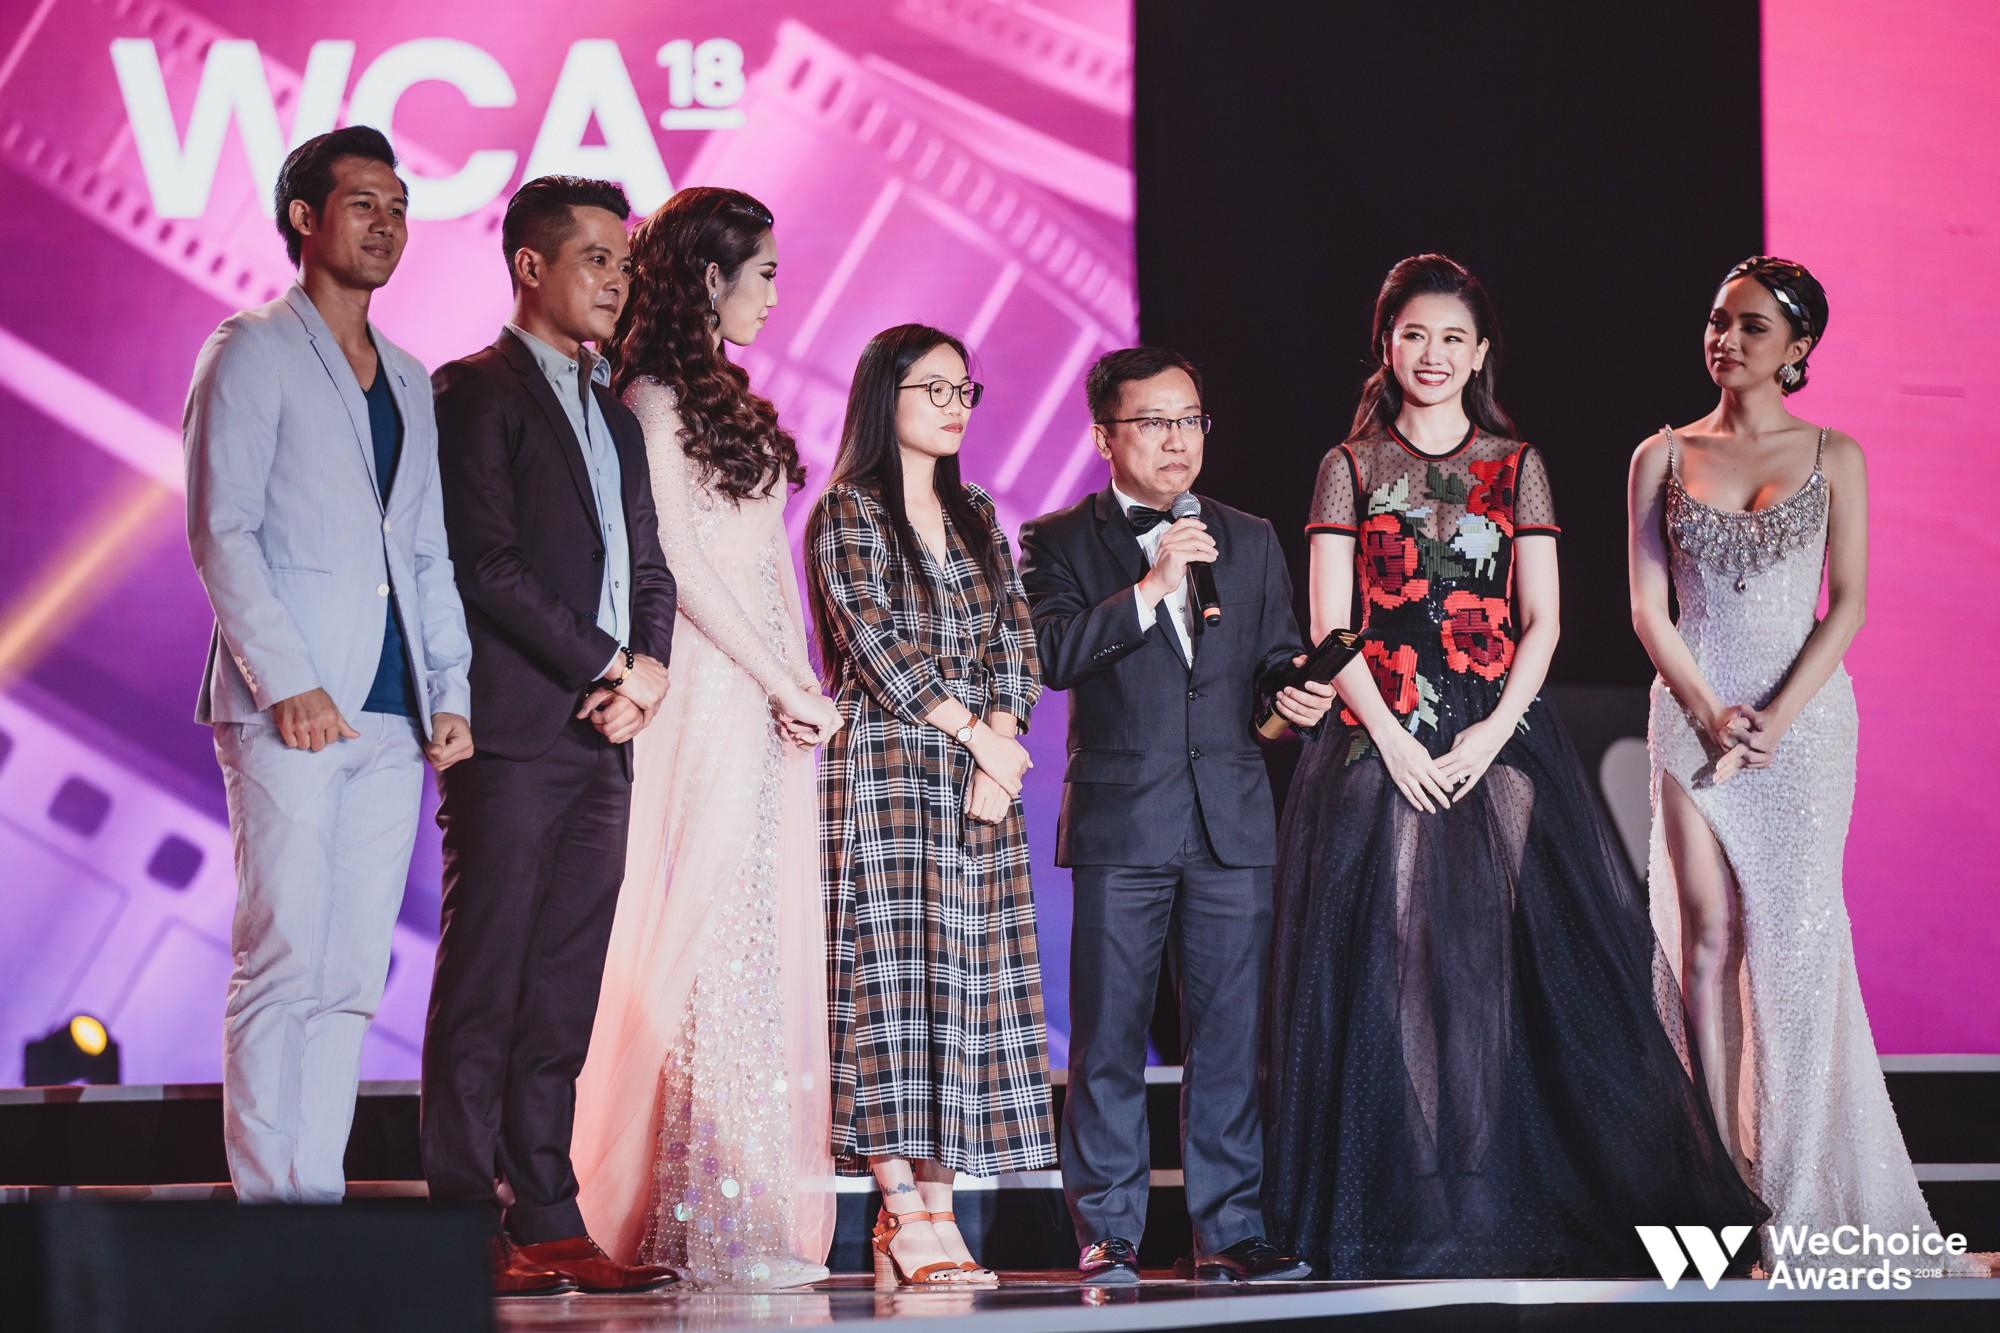 Kết quả chung cuộc WeChoice 2018 hạng mục giải trí: Vũ Cát Tường và loạt nghệ sĩ được gọi tên, Đen gây bất ngờ nhất - Ảnh 7.